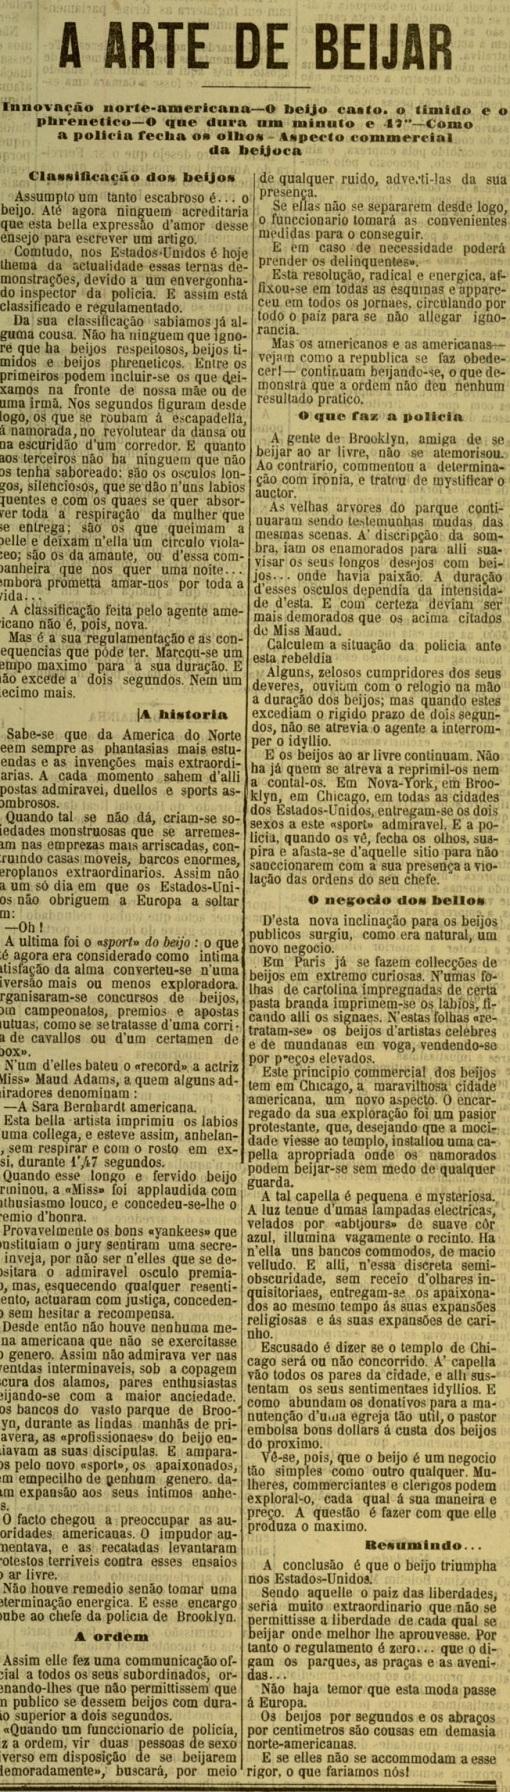 DiarioIlustrado14Jul08